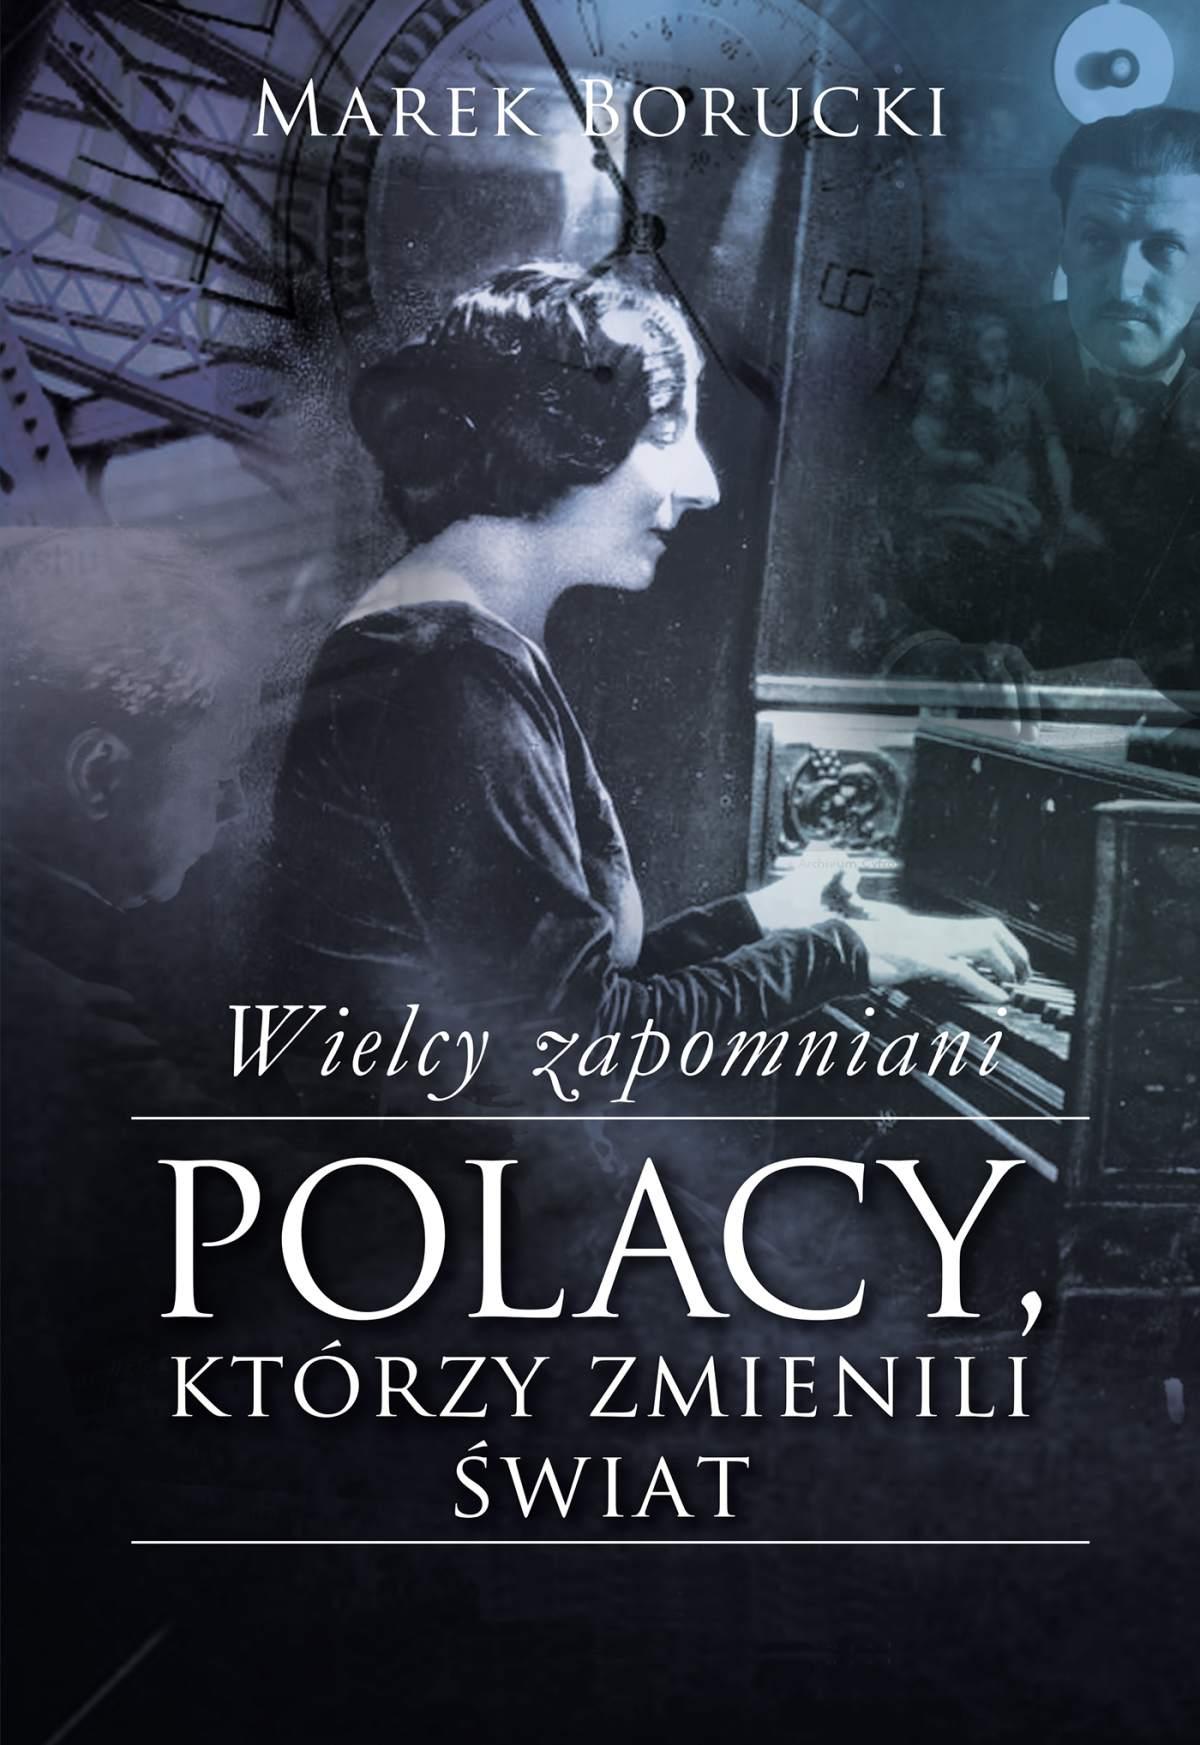 Wielcy zapomniani. Polacy, którzy zmienili świat - Ebook (Książka EPUB) do pobrania w formacie EPUB